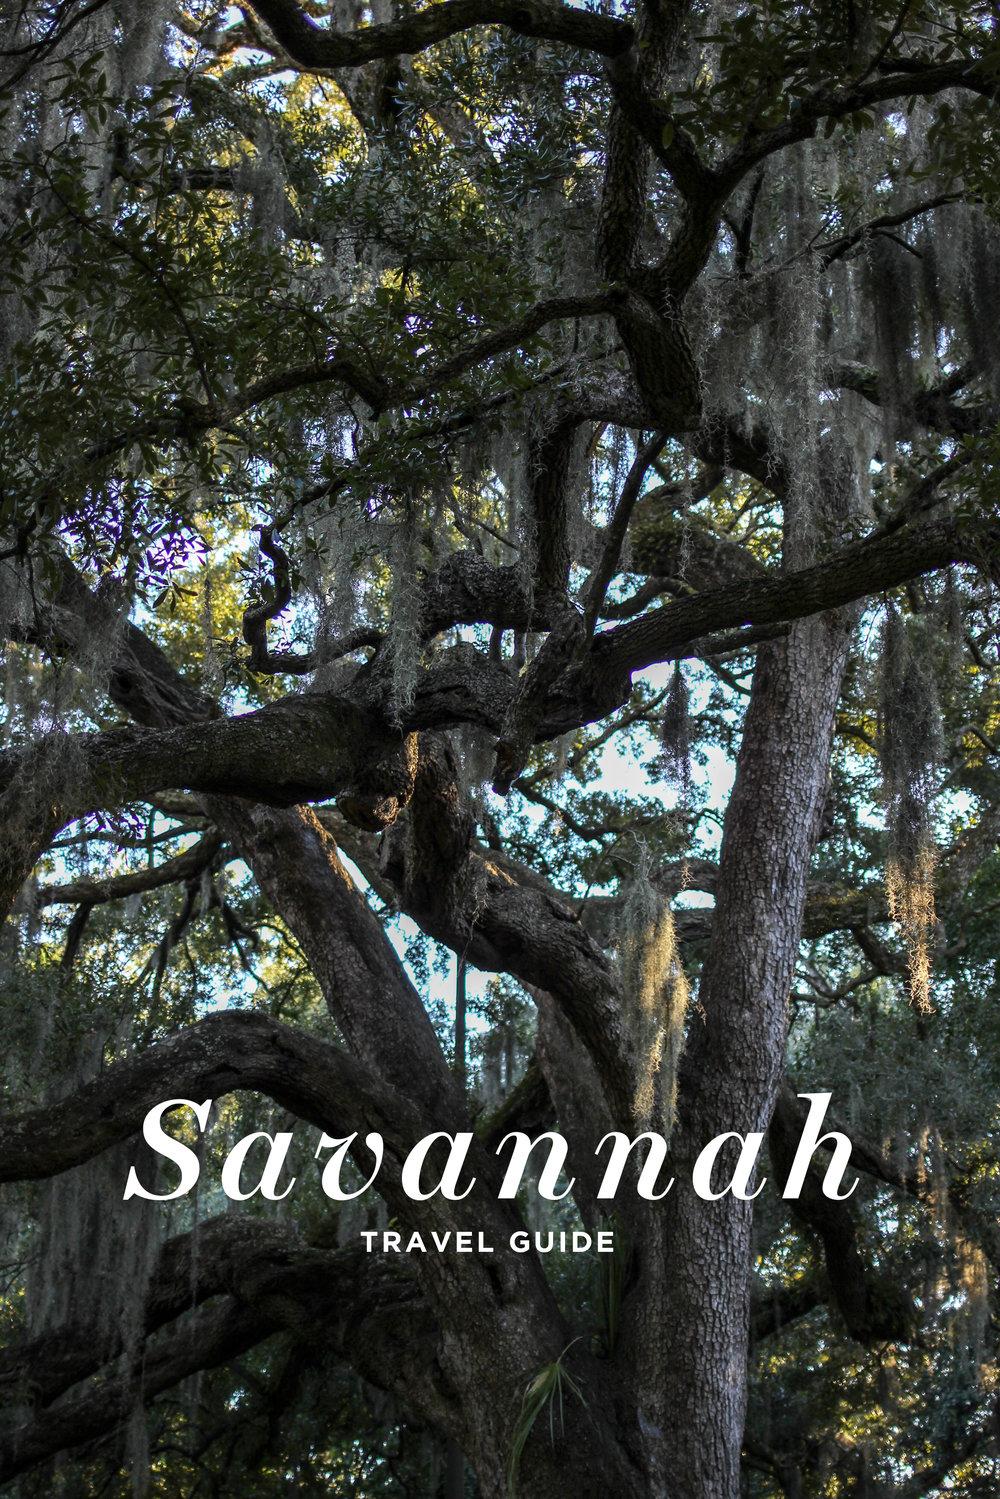 savannah_tg.jpg